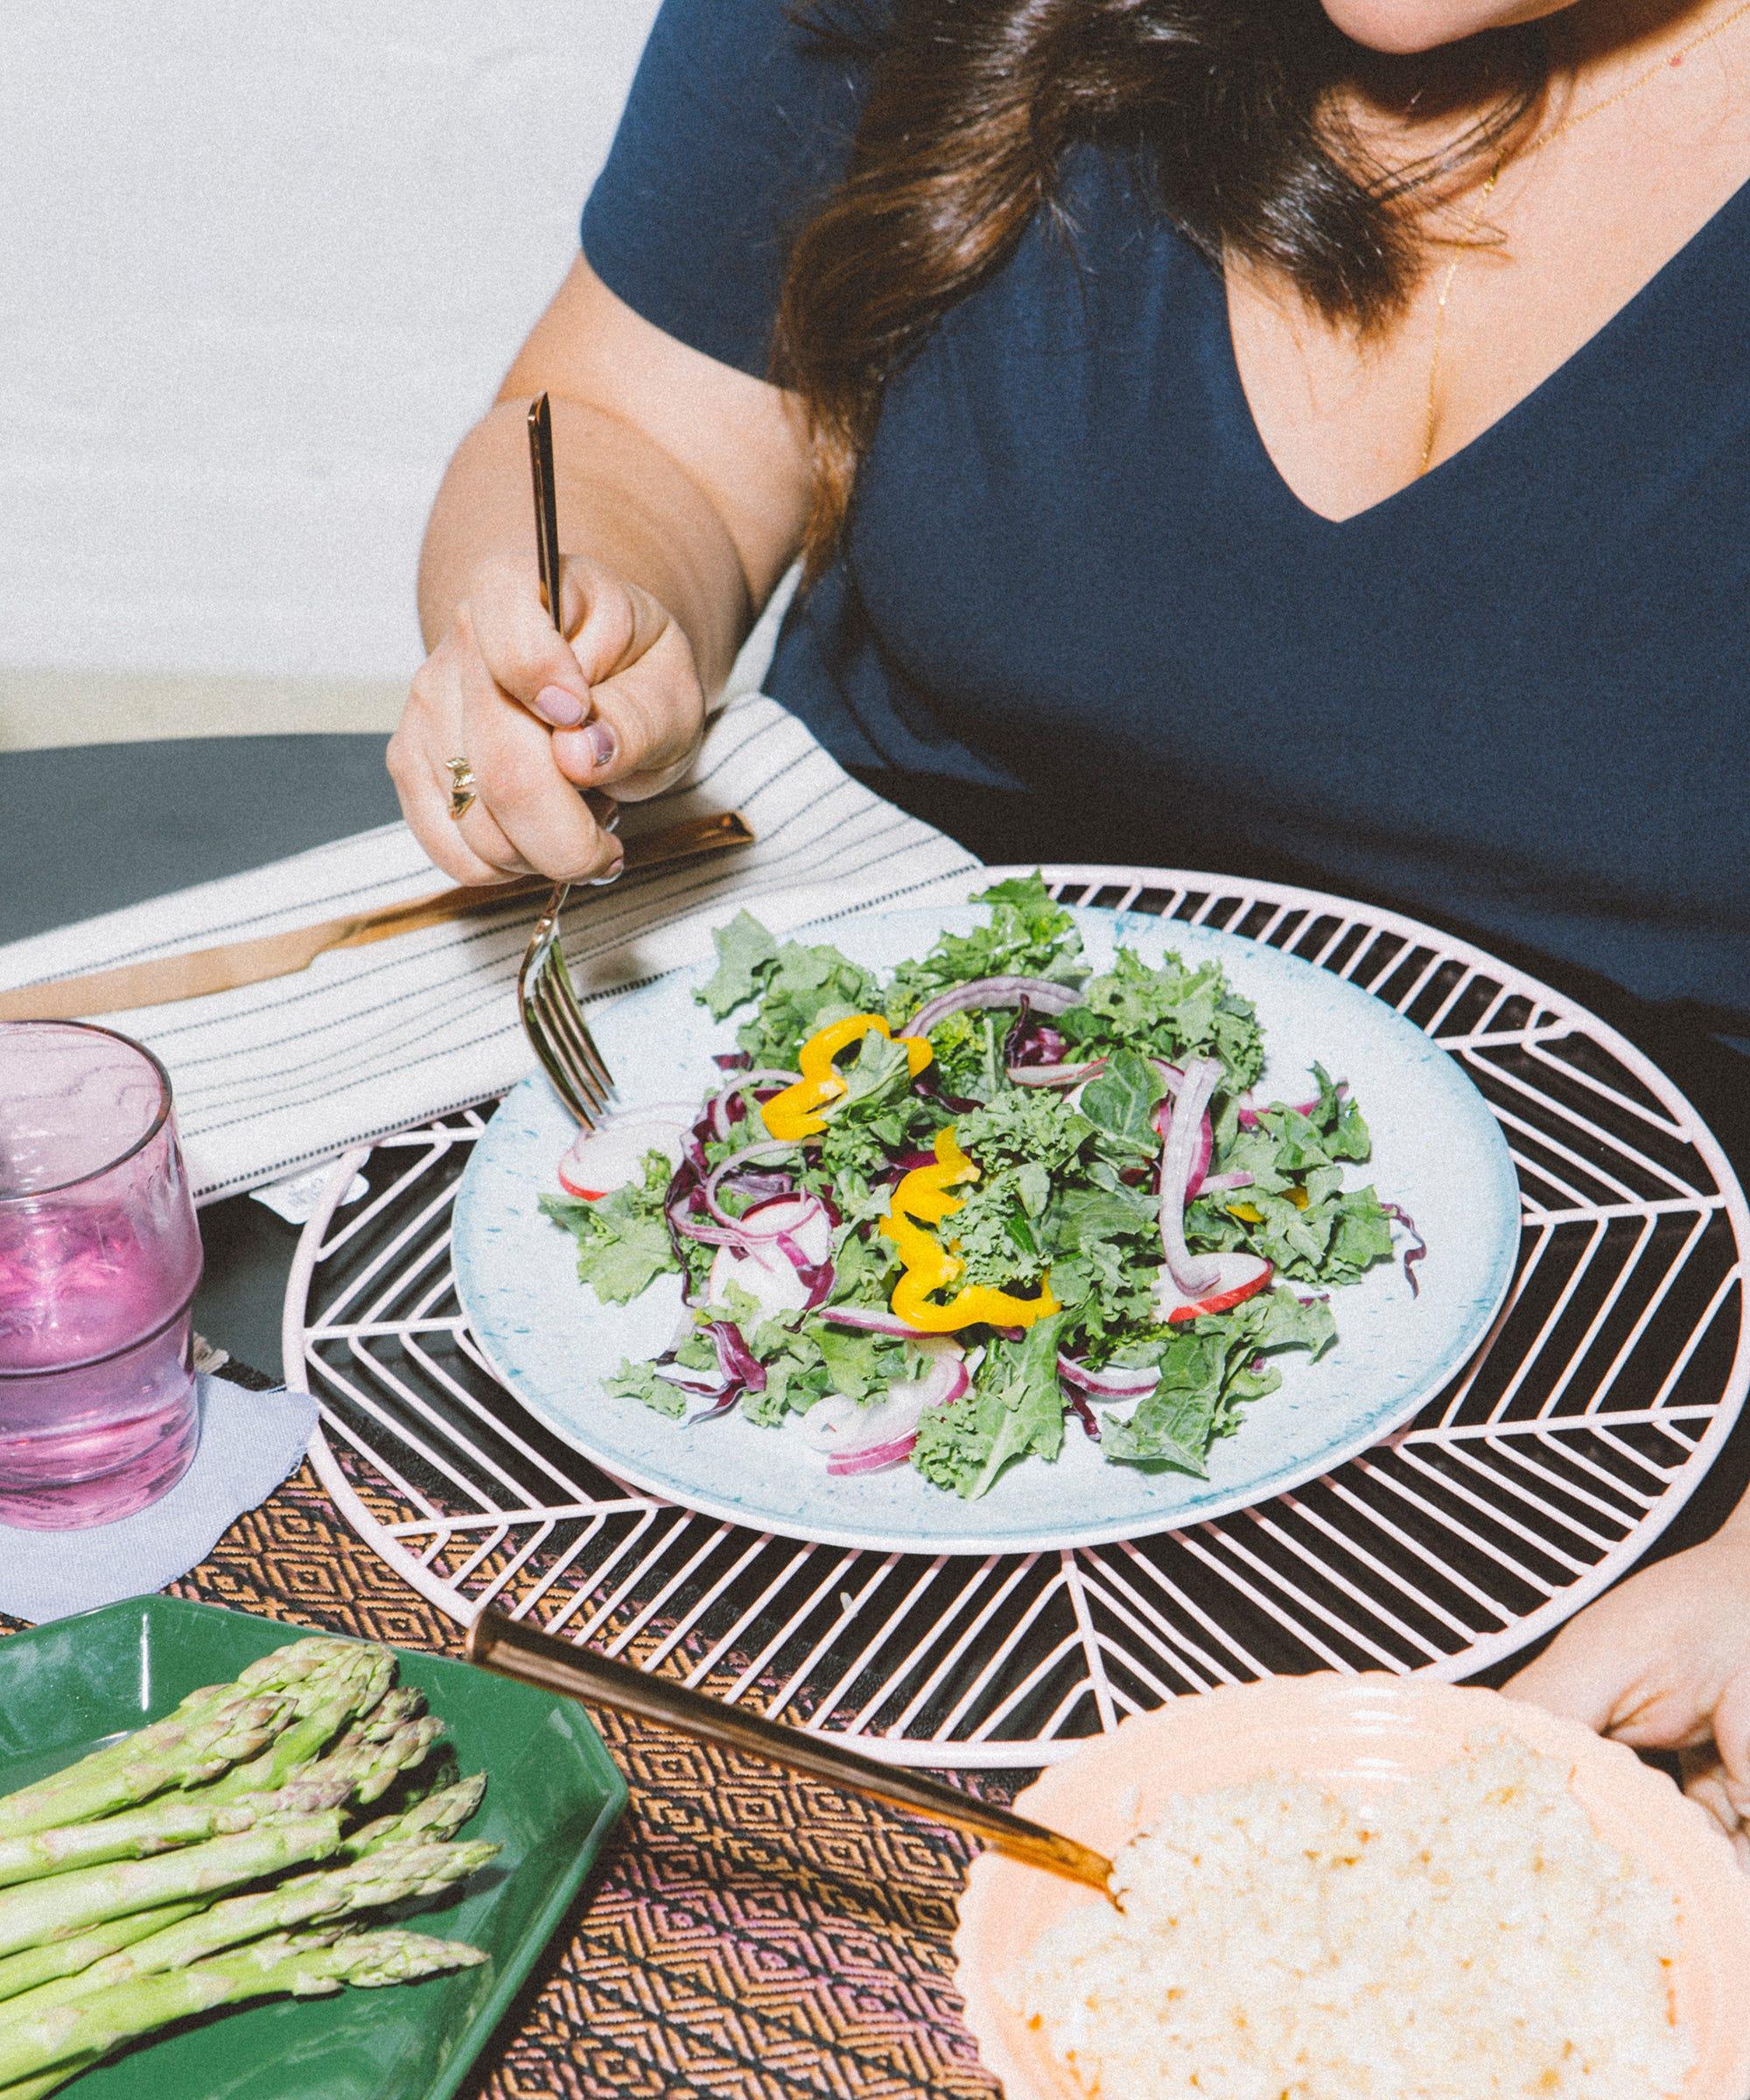 Diät durch Ernährungsberater, um Gewicht zu verlieren